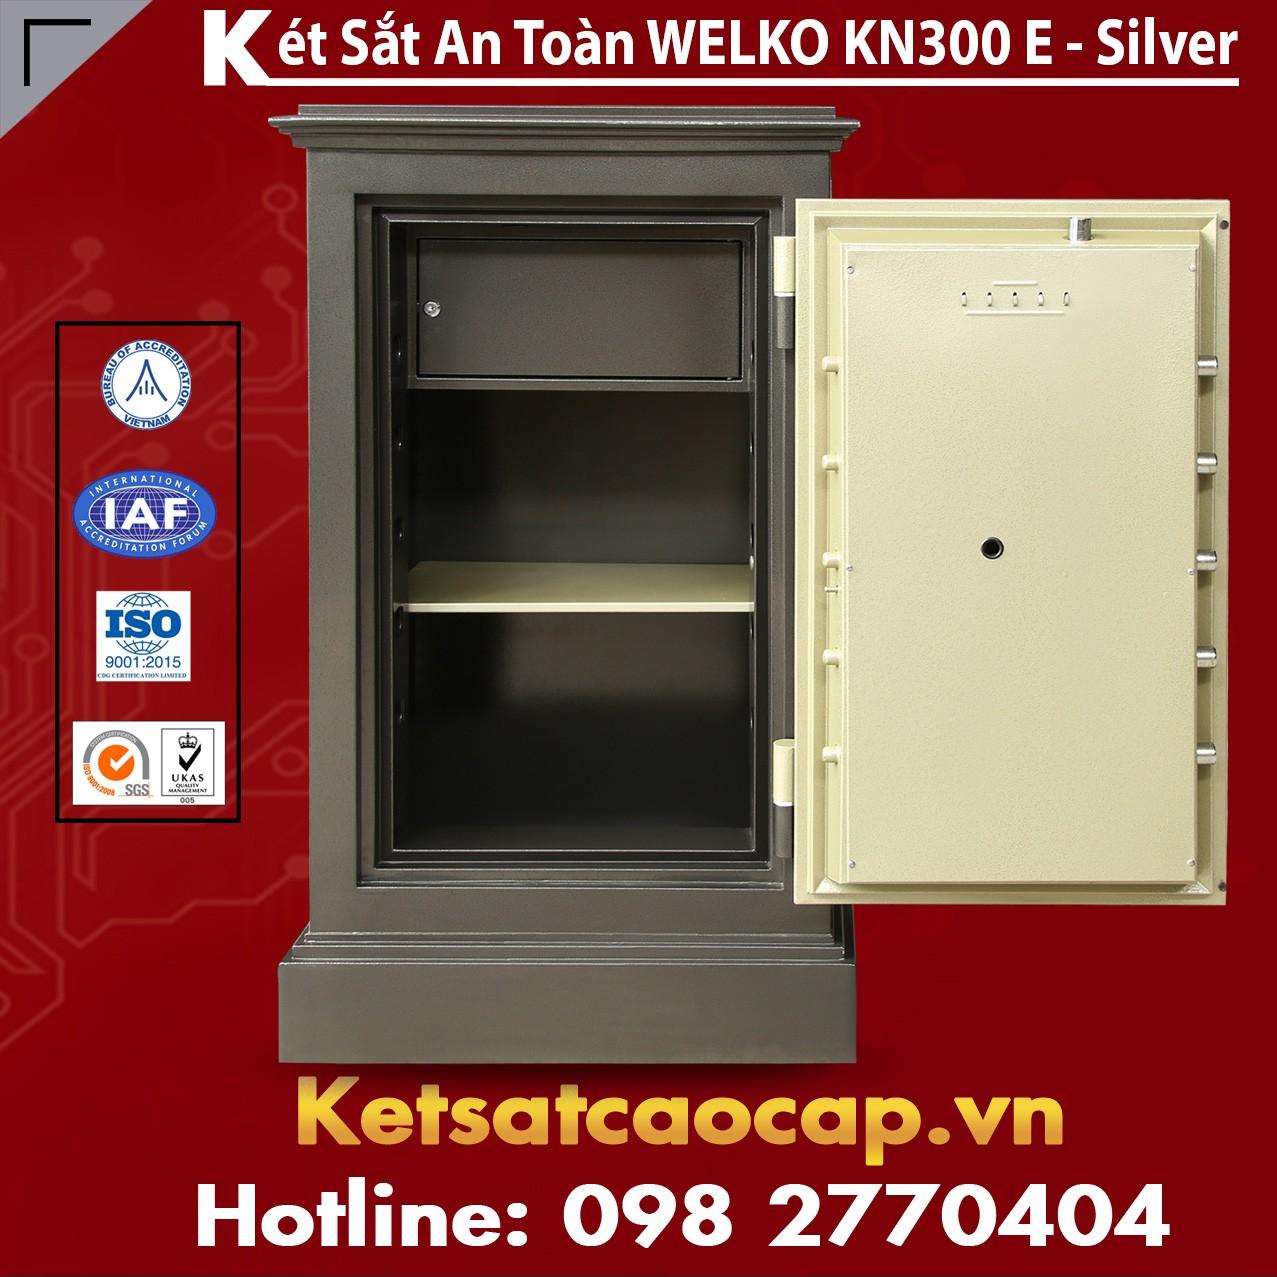 Két Sắt Liên Doanh Hàn Quốc WELKO KN300 Black E Silver